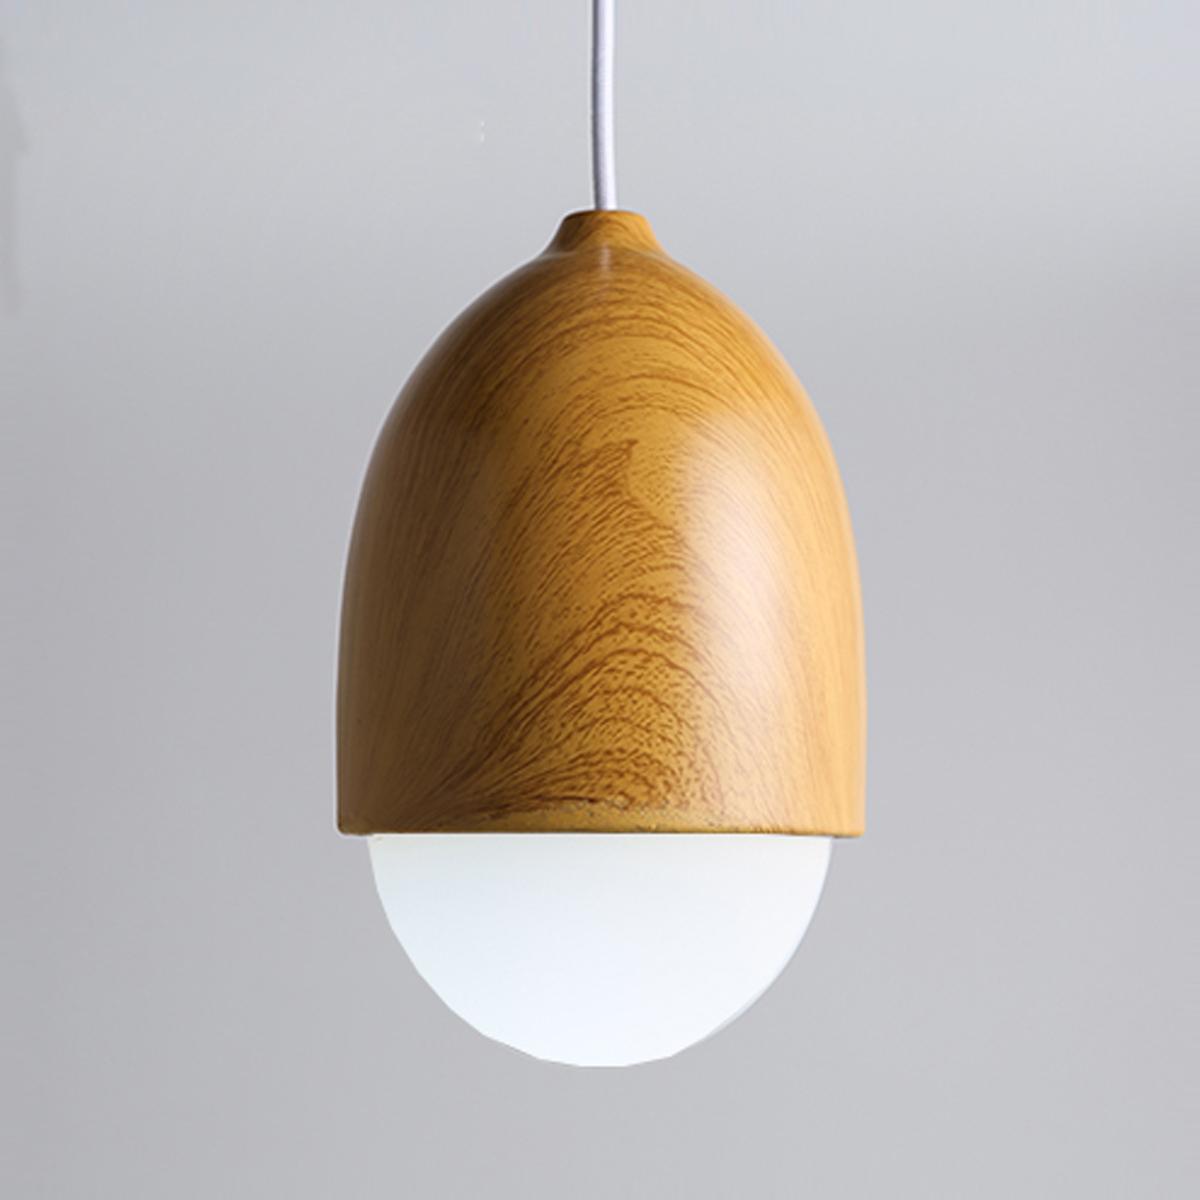 Kreative mutter form pendelleuchte fashion japan einfache moderne pendelleuchte schlafzimmer zhler lampe pendelleuchte